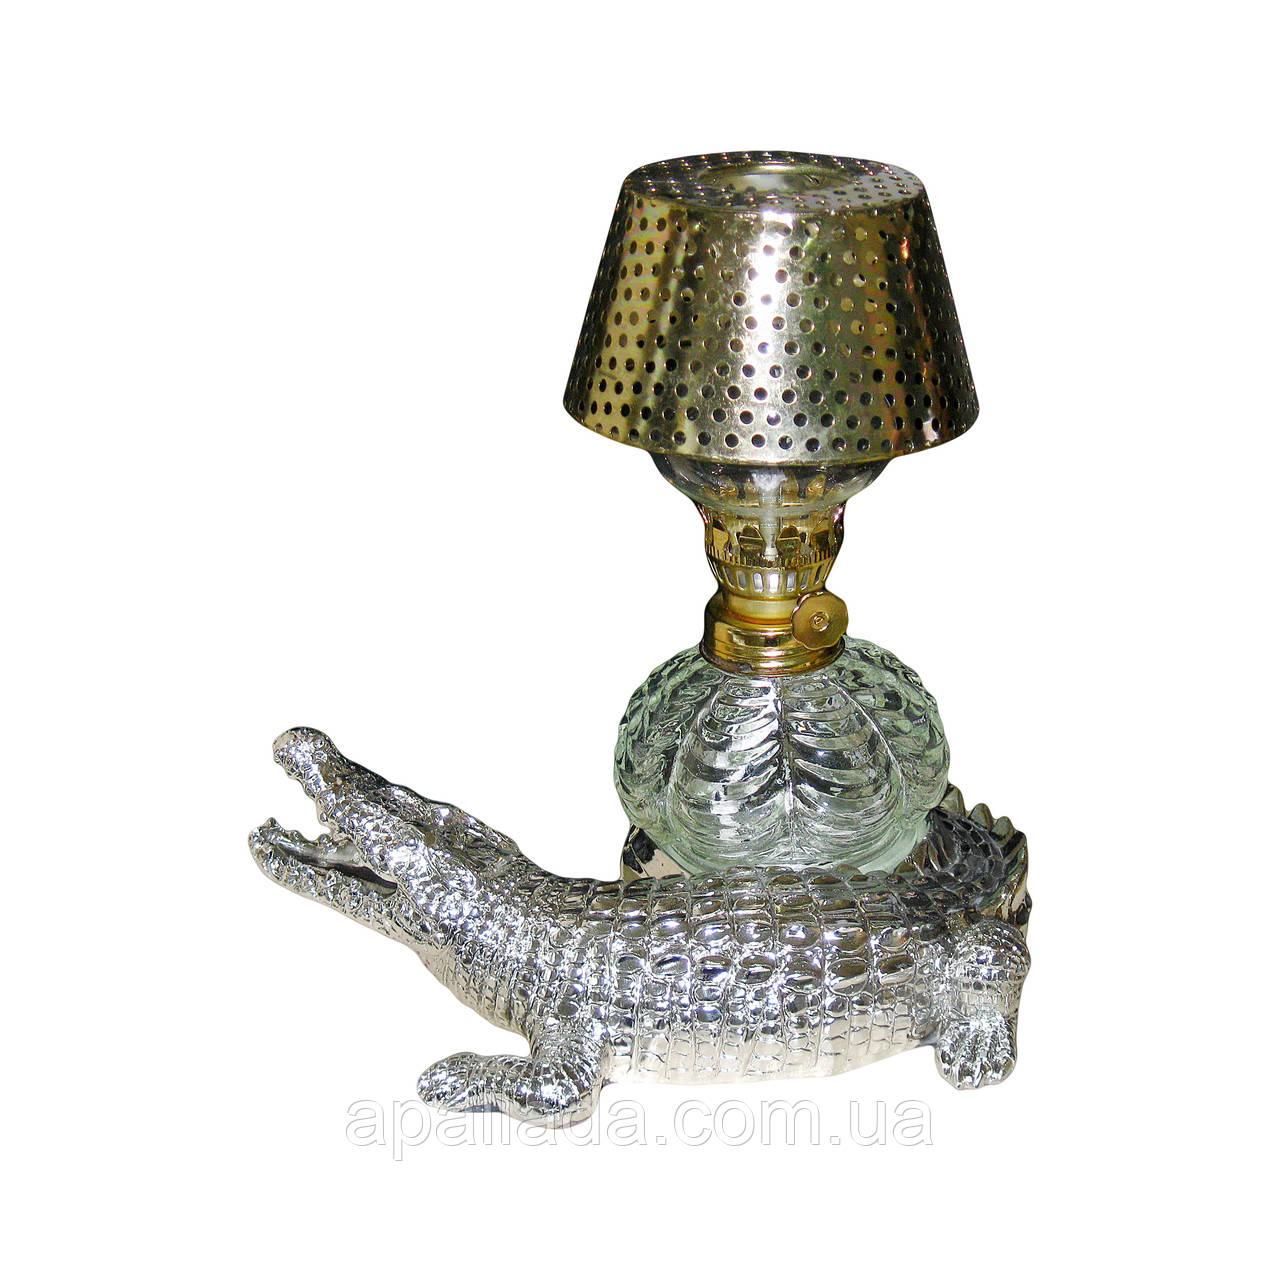 Лампа керосиновая Крокодил